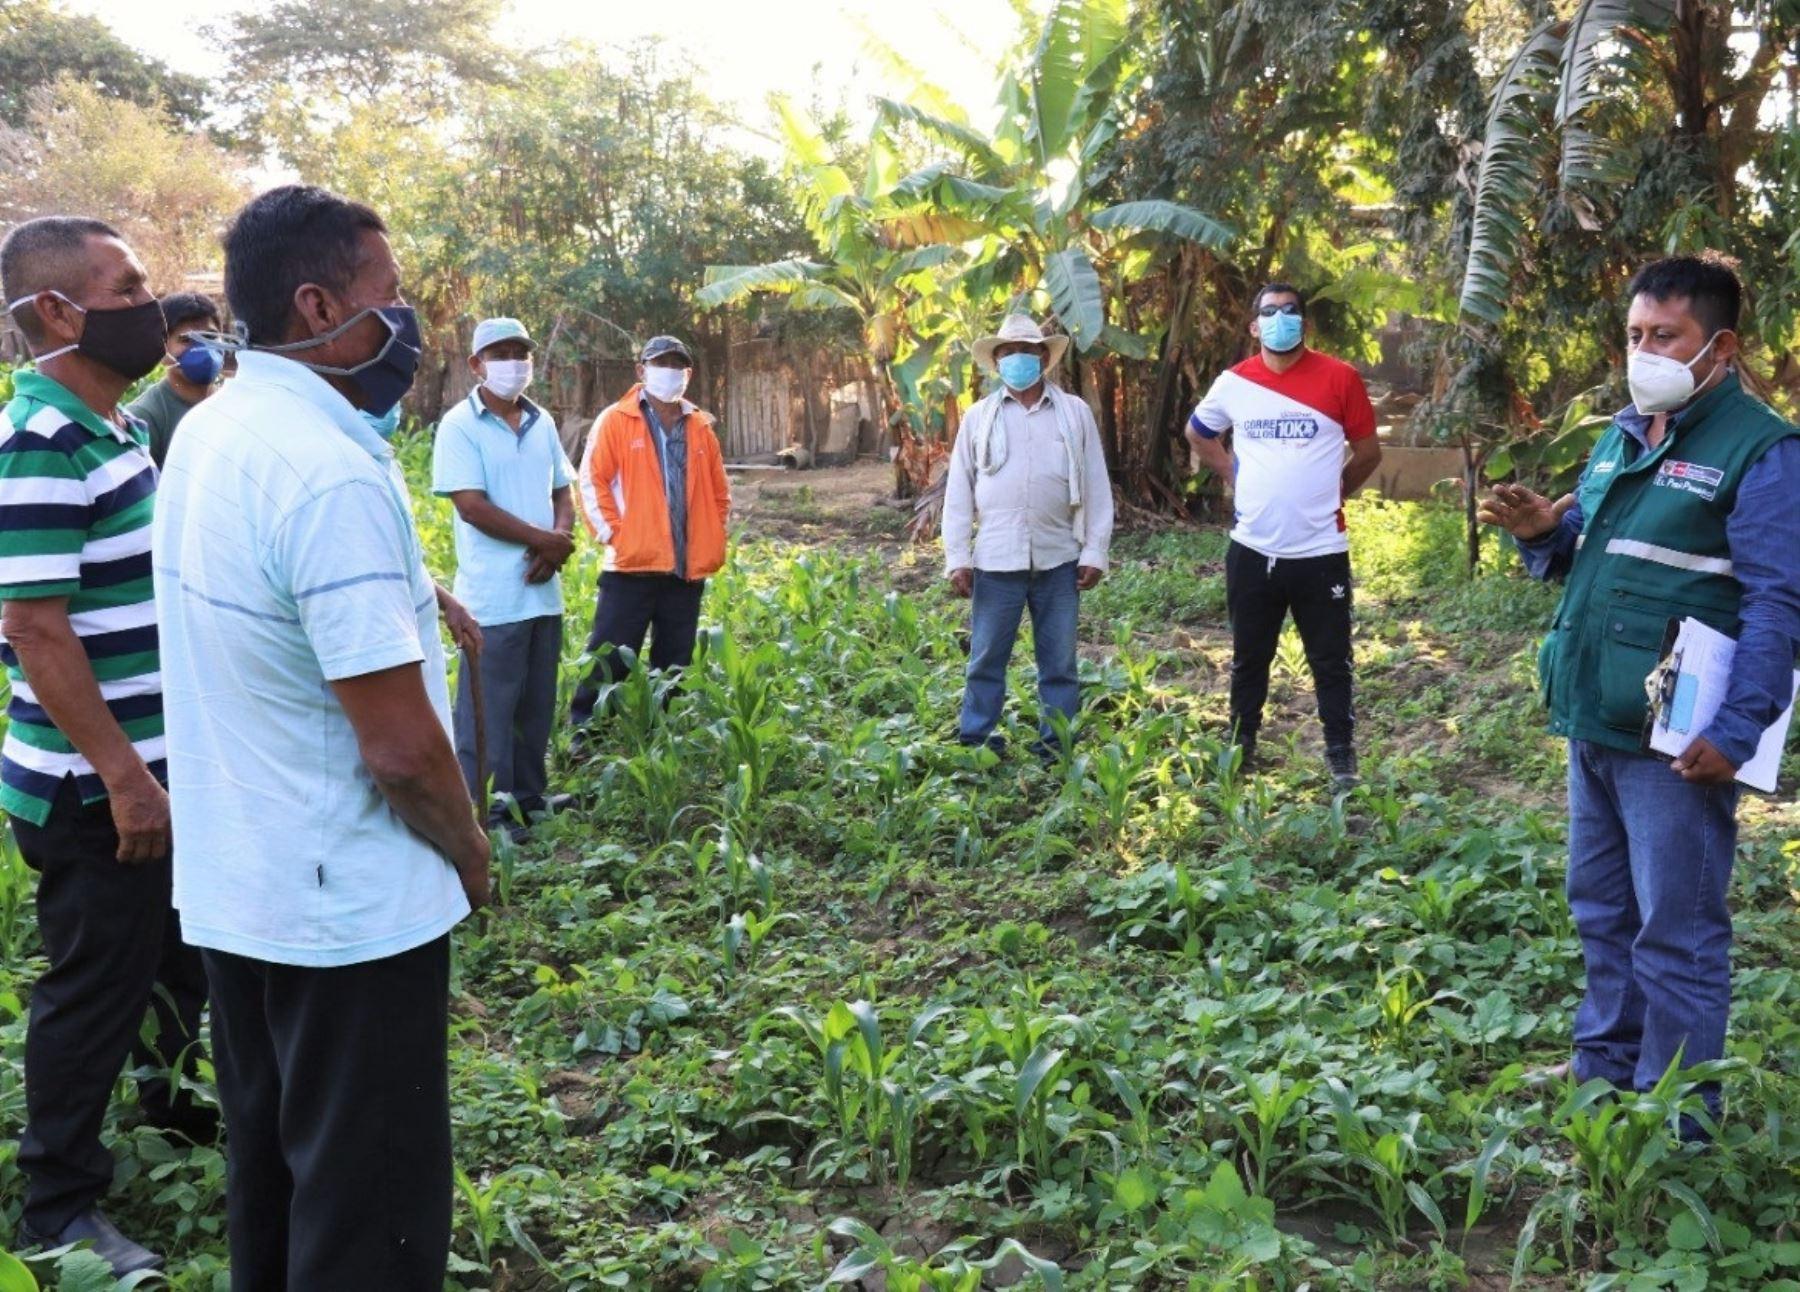 Especialistas del Senasa instalarán y conducirán escuelas de campo en Lambayeque para fortalecer la agricultura familiar de esa región. Foto: ANDINA/difusión.